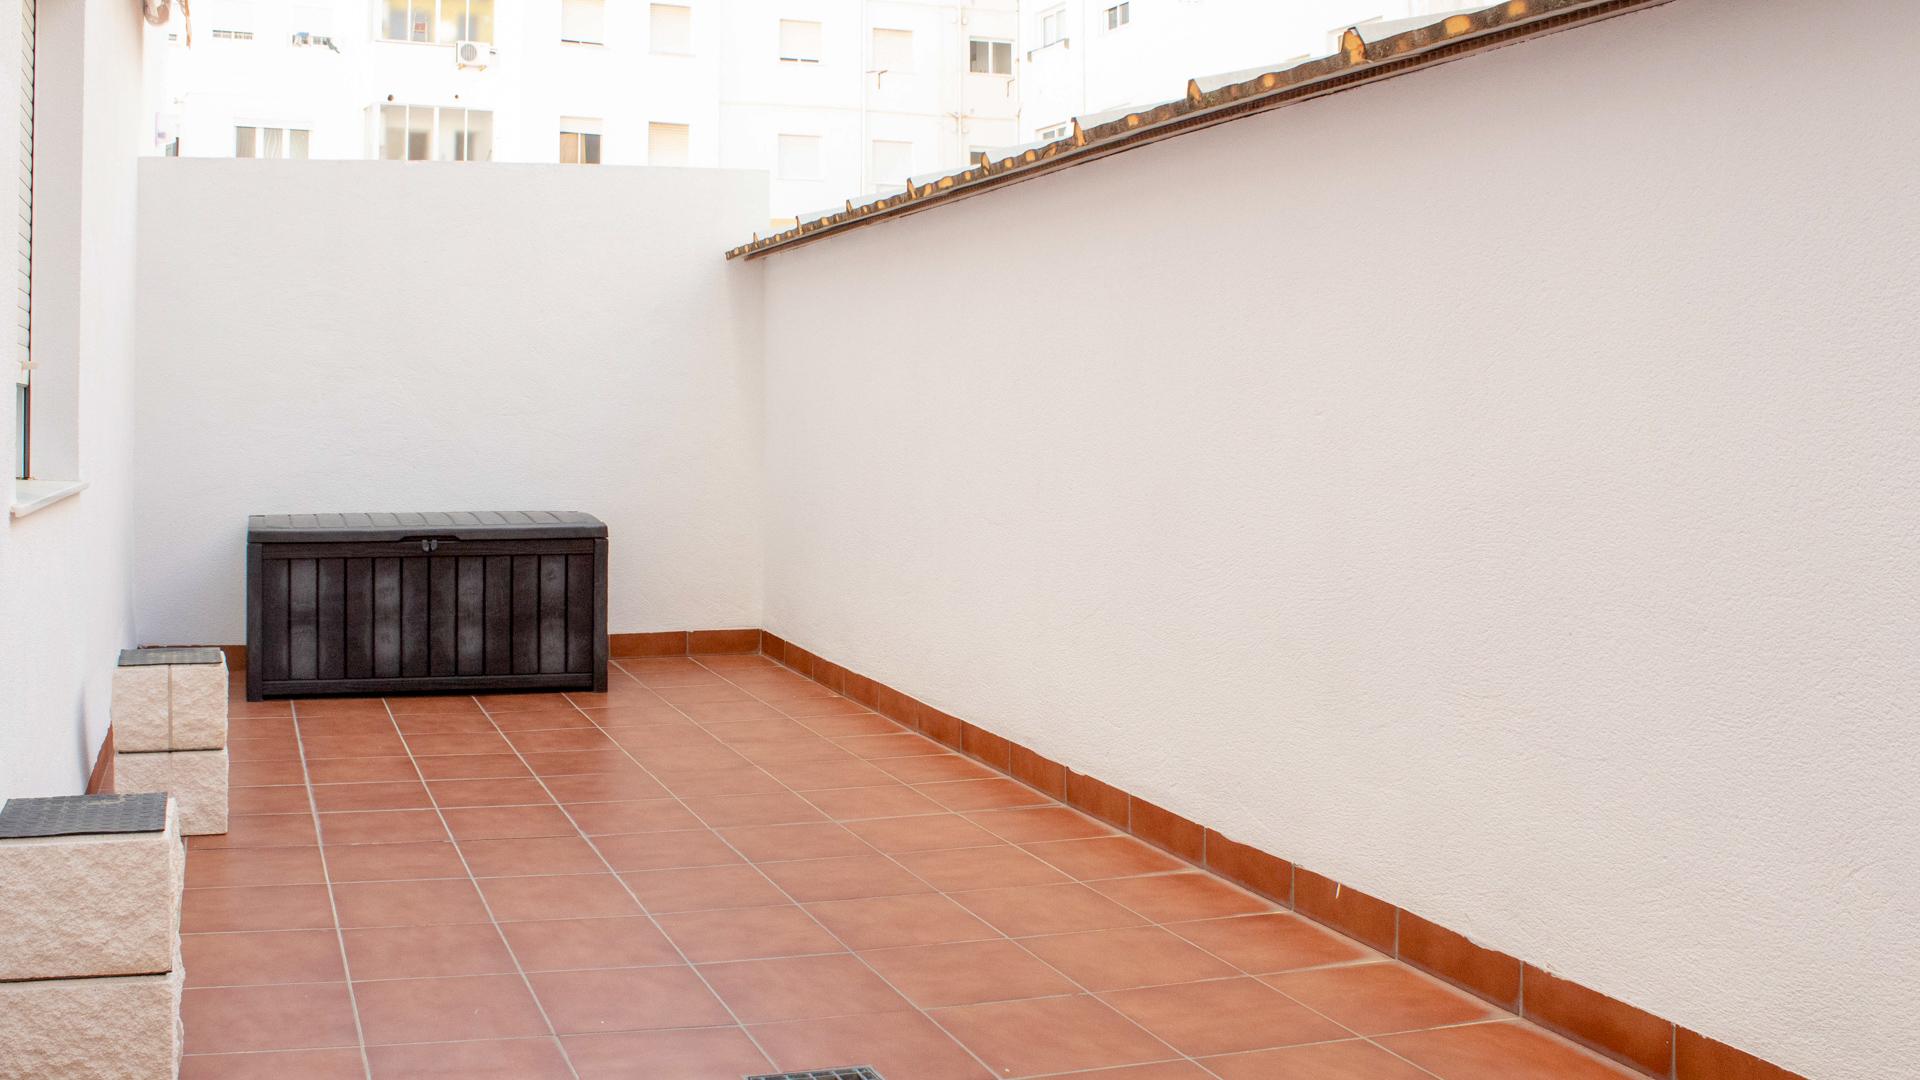 vitalcasa.sooprema-propiedades_5e67a38f6d770-source